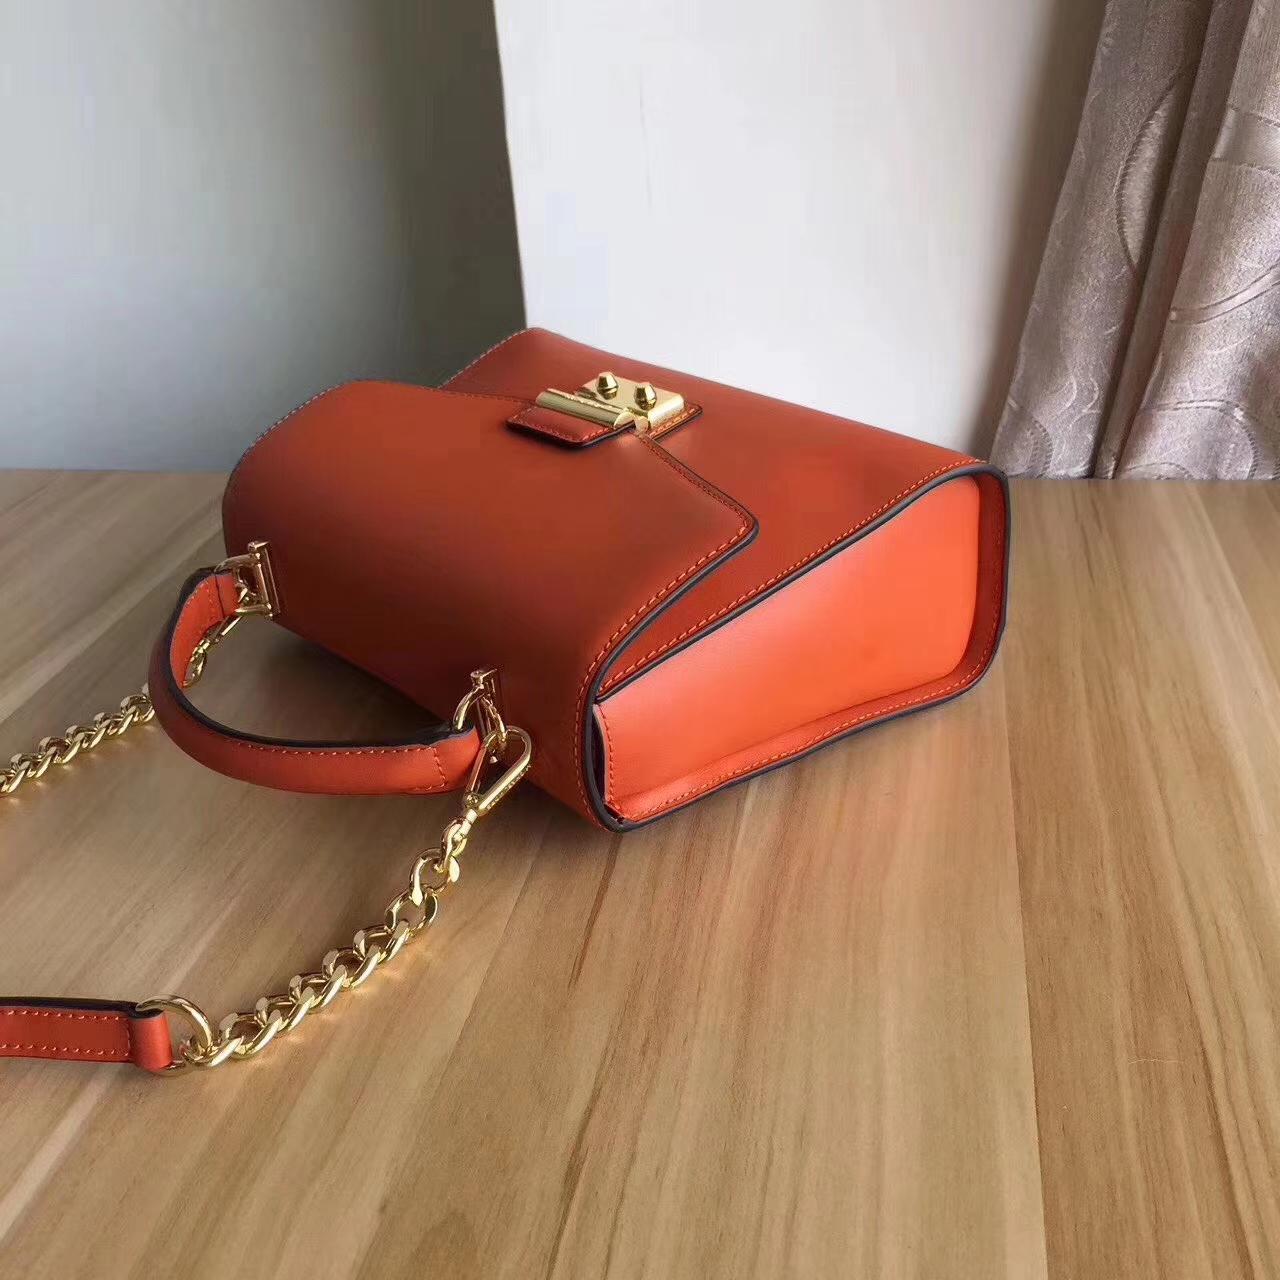 MK女包价格 迈克科尔斯新款头层纳帕牛皮链条单肩斜挎包包24cm 橙色